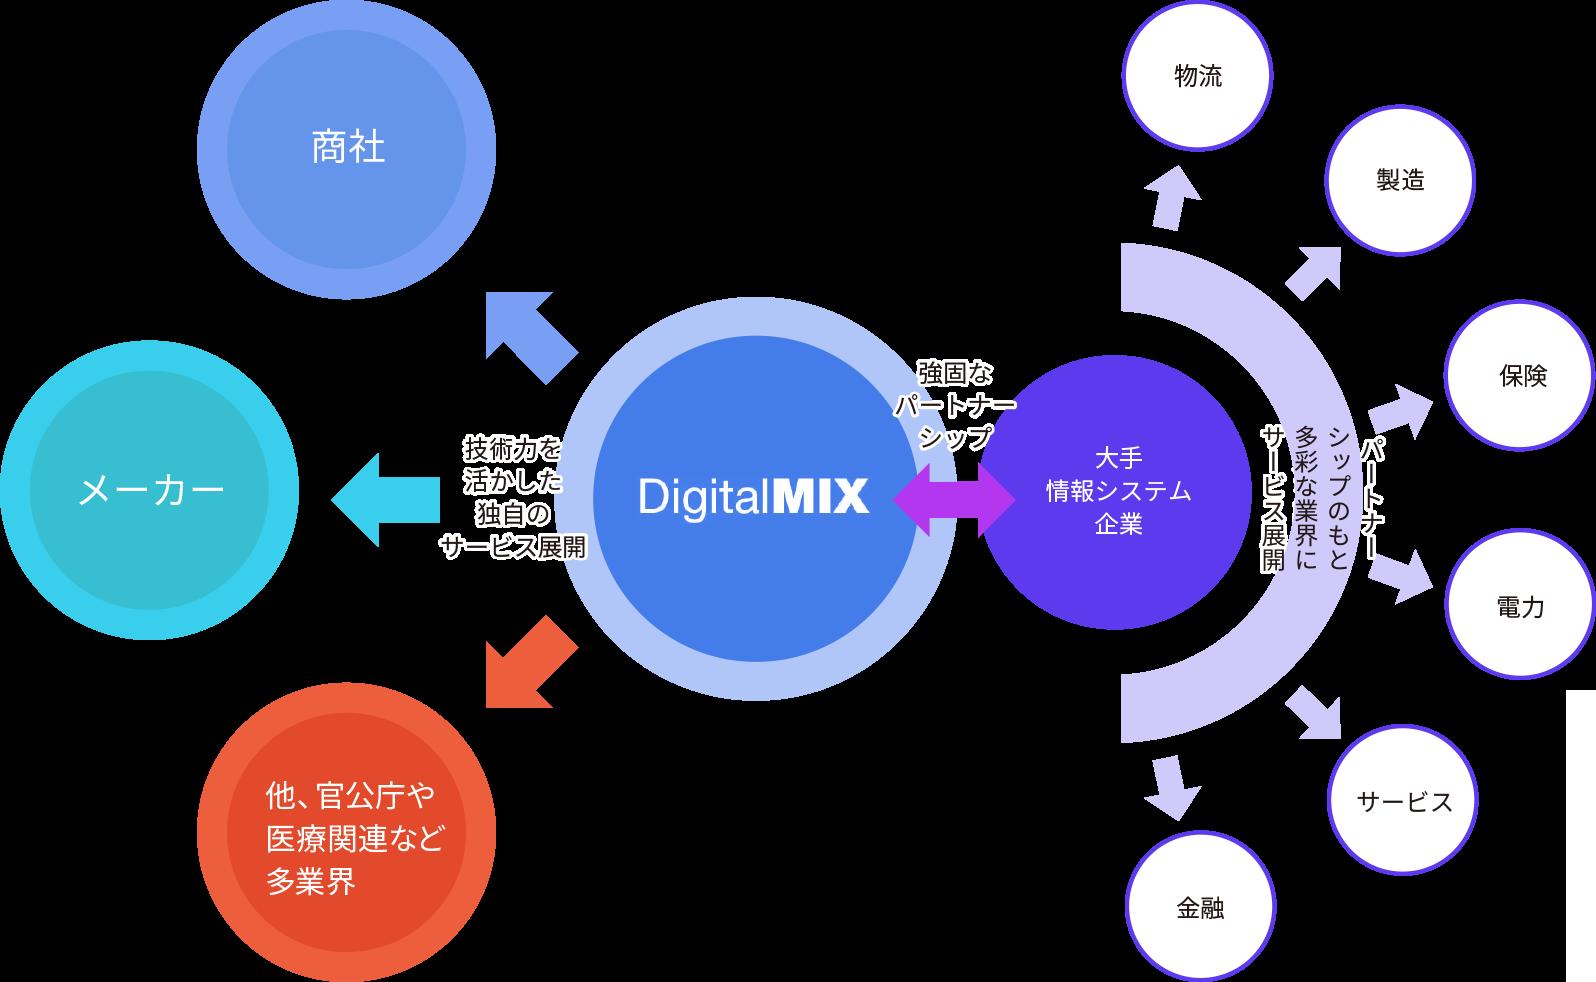 デジタルミックスの図